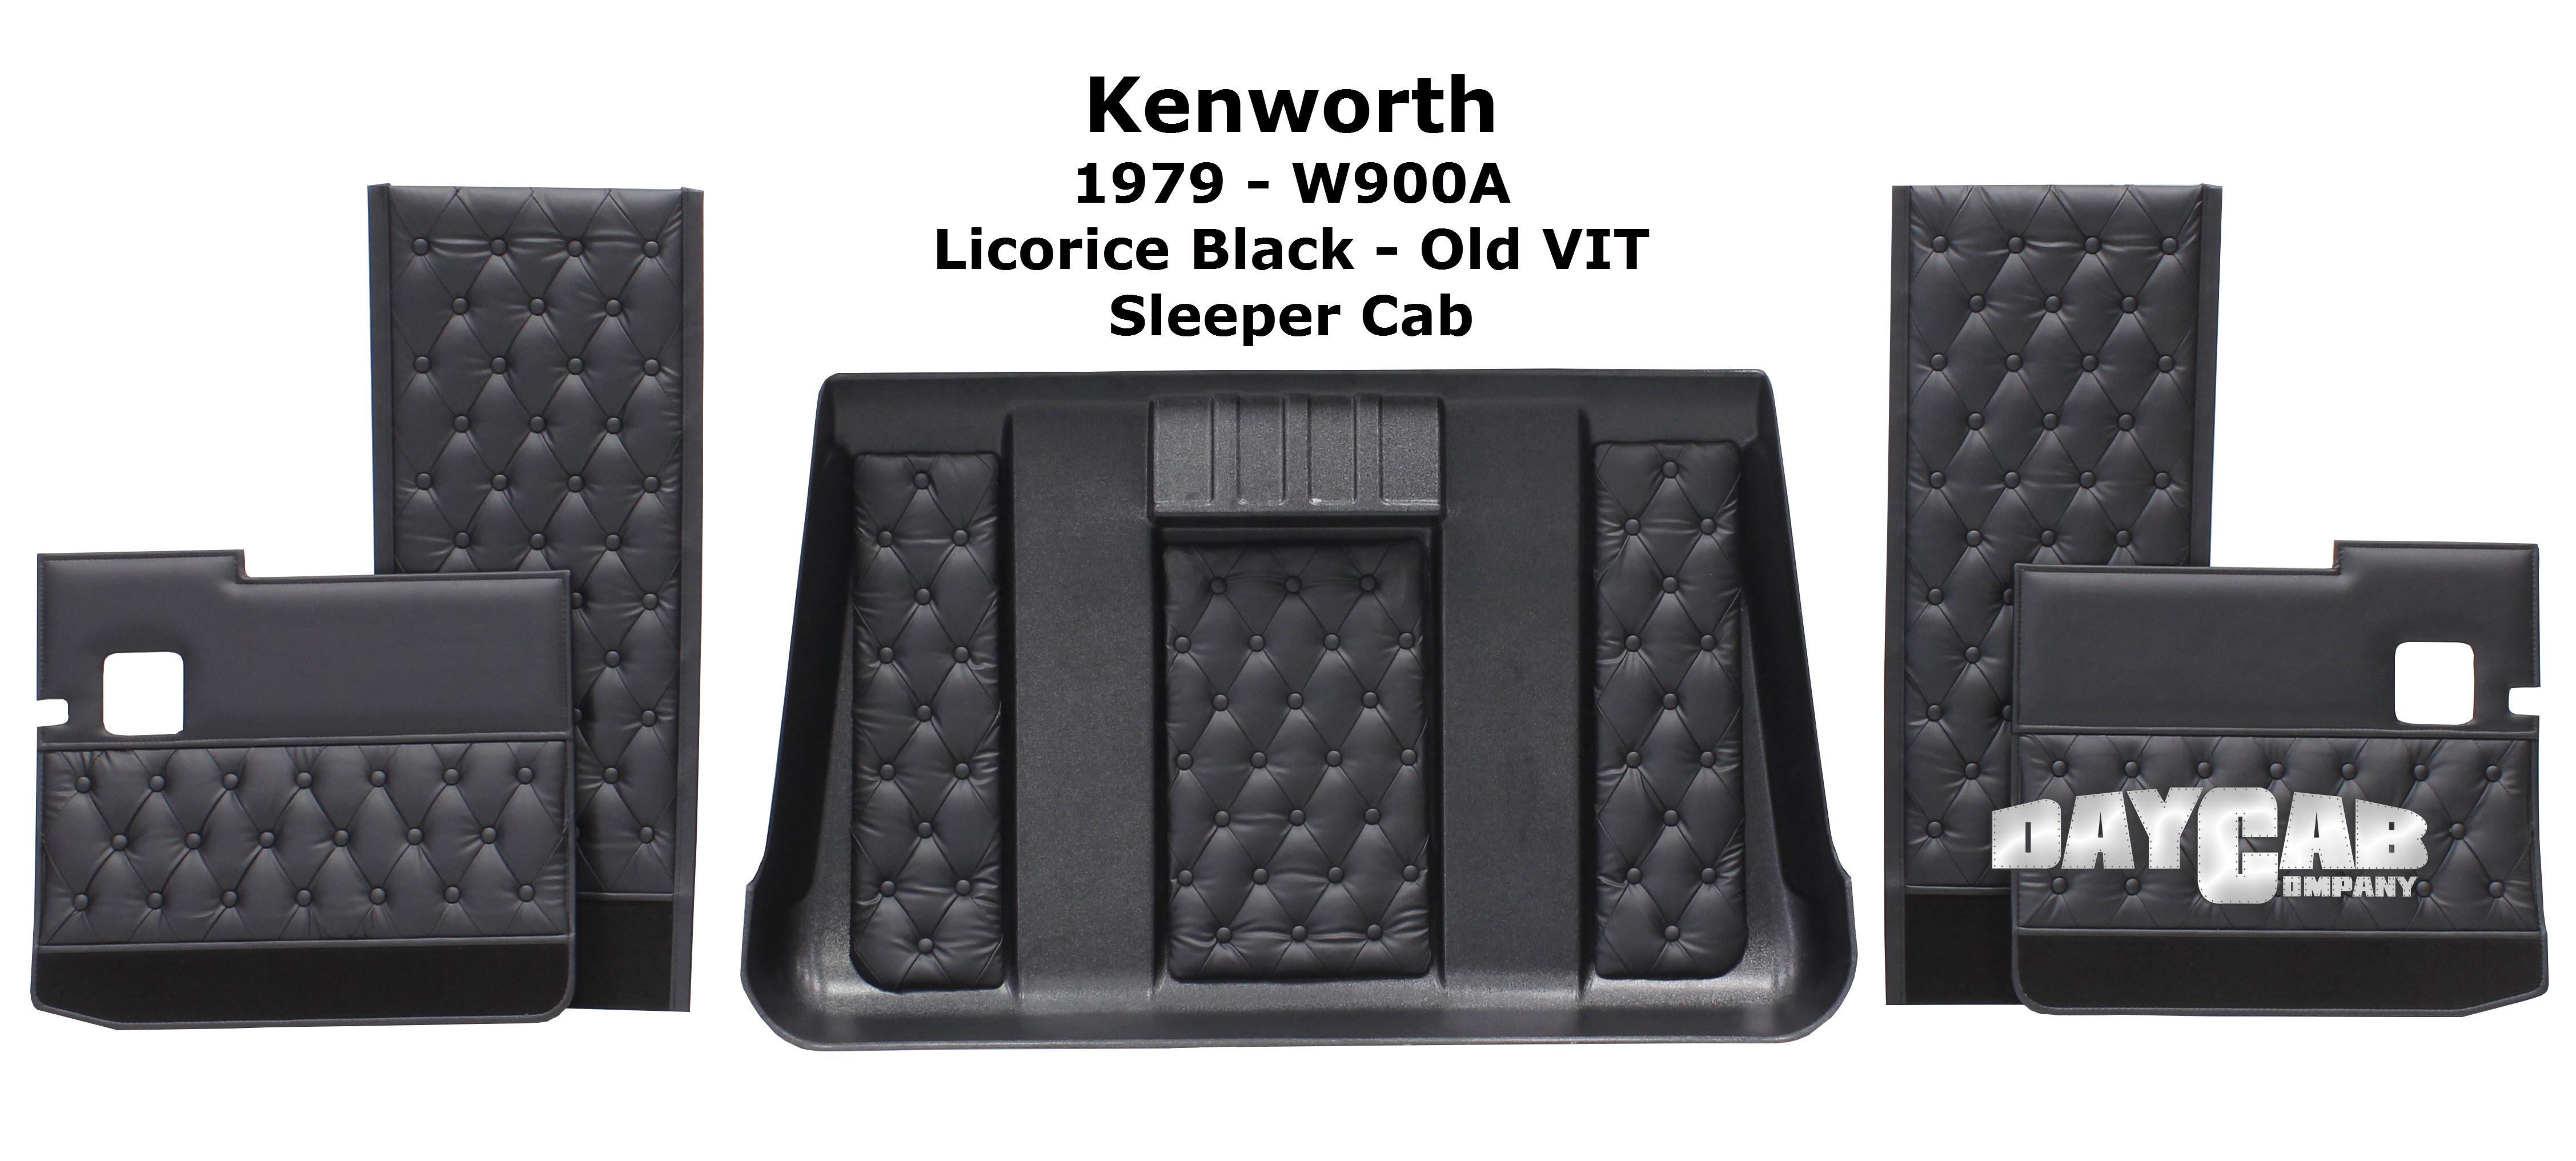 Kenworth 1979 W900A Sleeper Cab